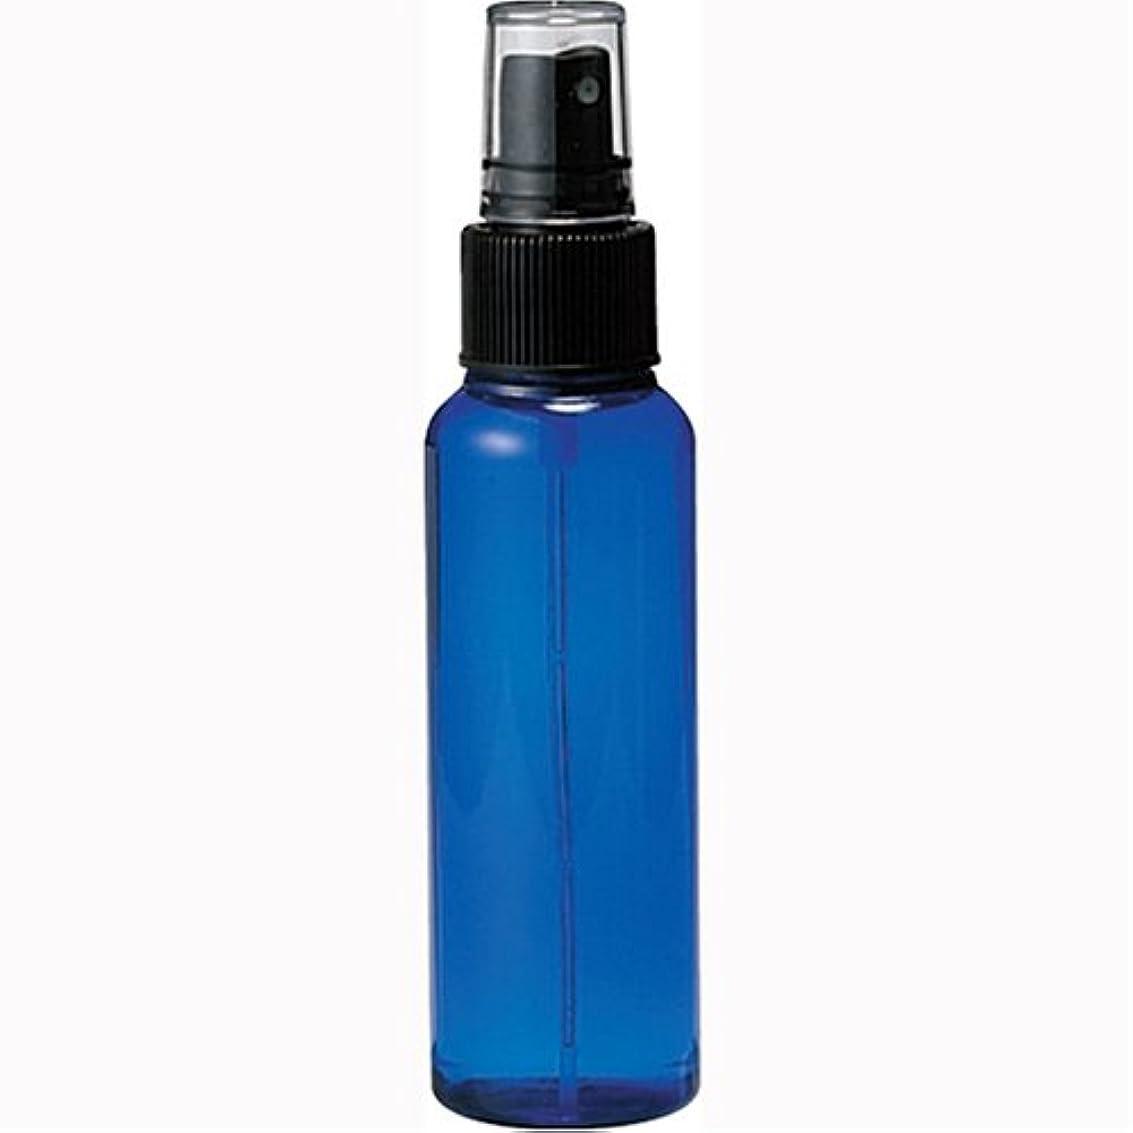 幸運なことに服を洗うきらめき生活の木 青色アトマイザーPET 100ml